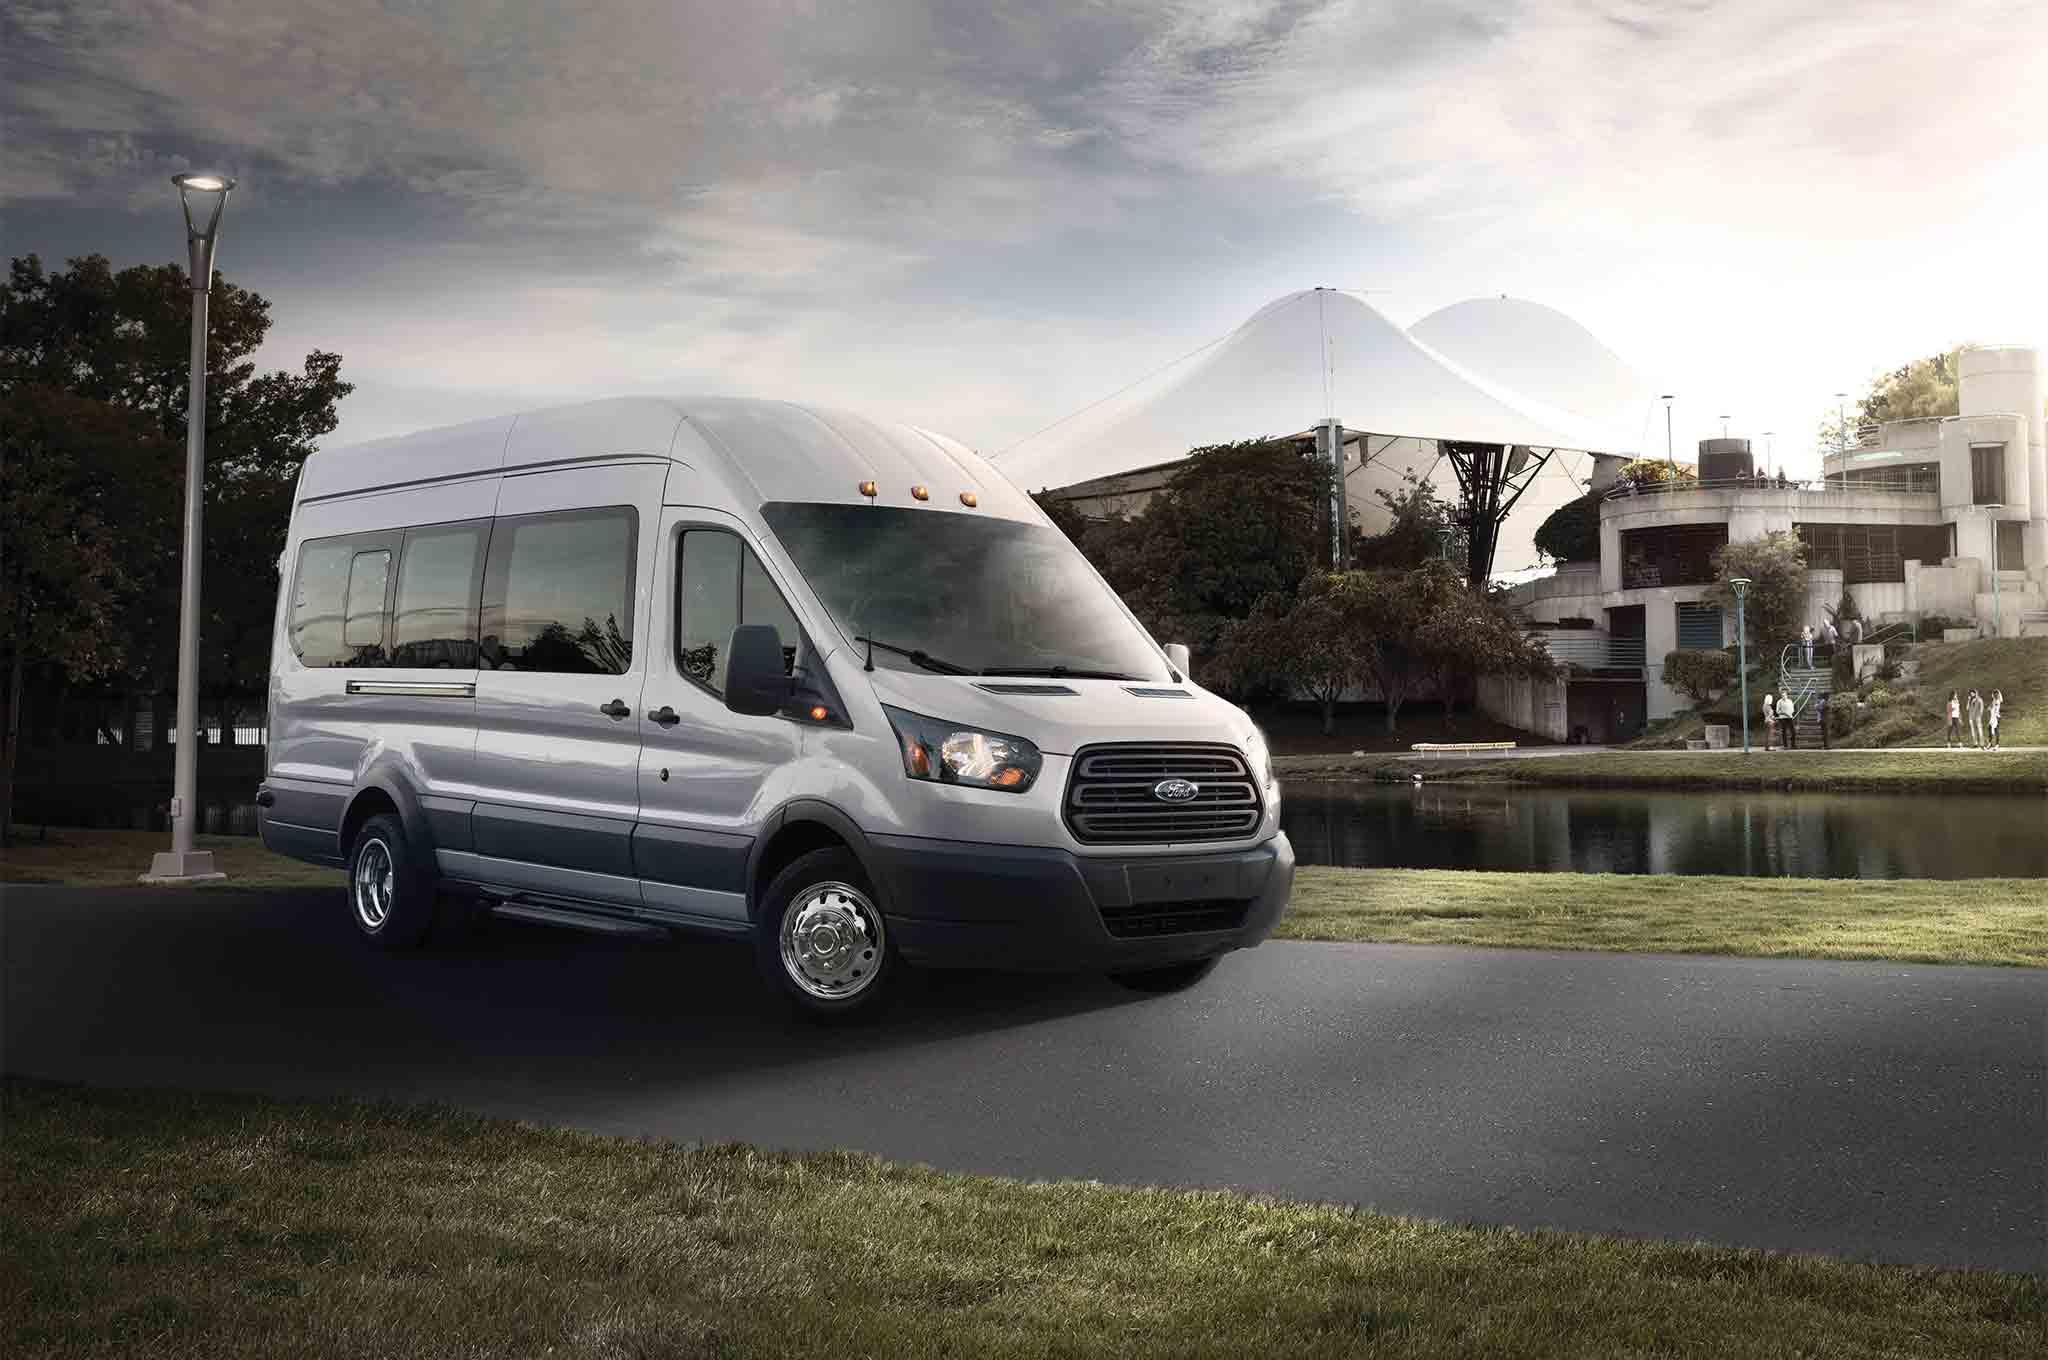 Ford Sollers увеличил экспорт модели Transit почти в 1,5 раза